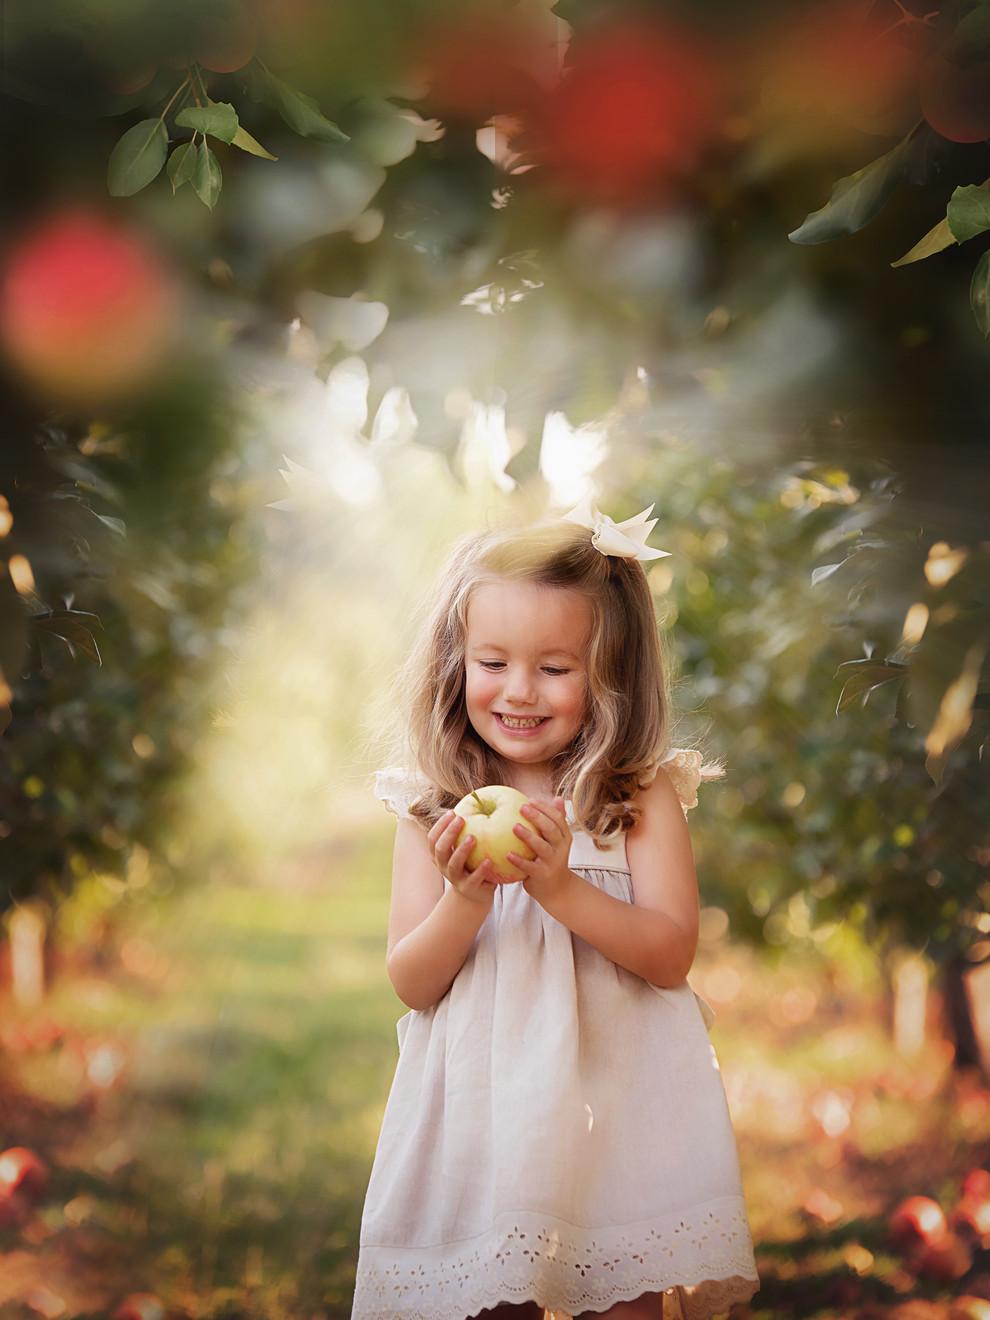 harper apples.jpg